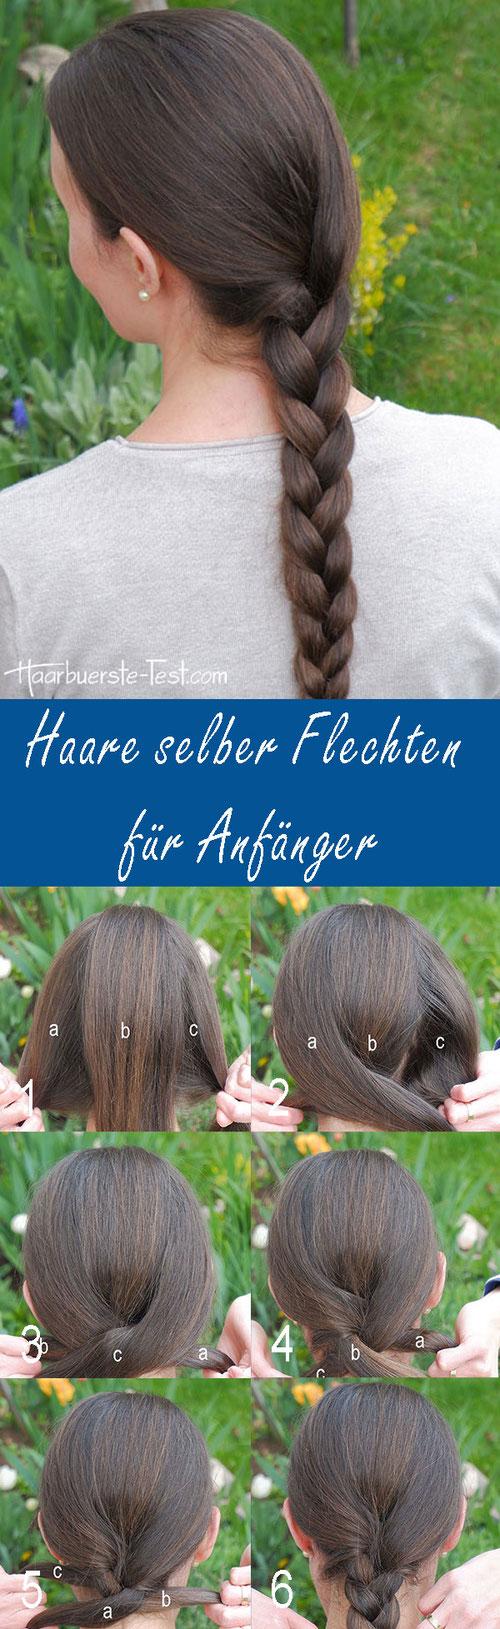 Geflochtener Zopf Anleitung, Zopf flechten Anleitung